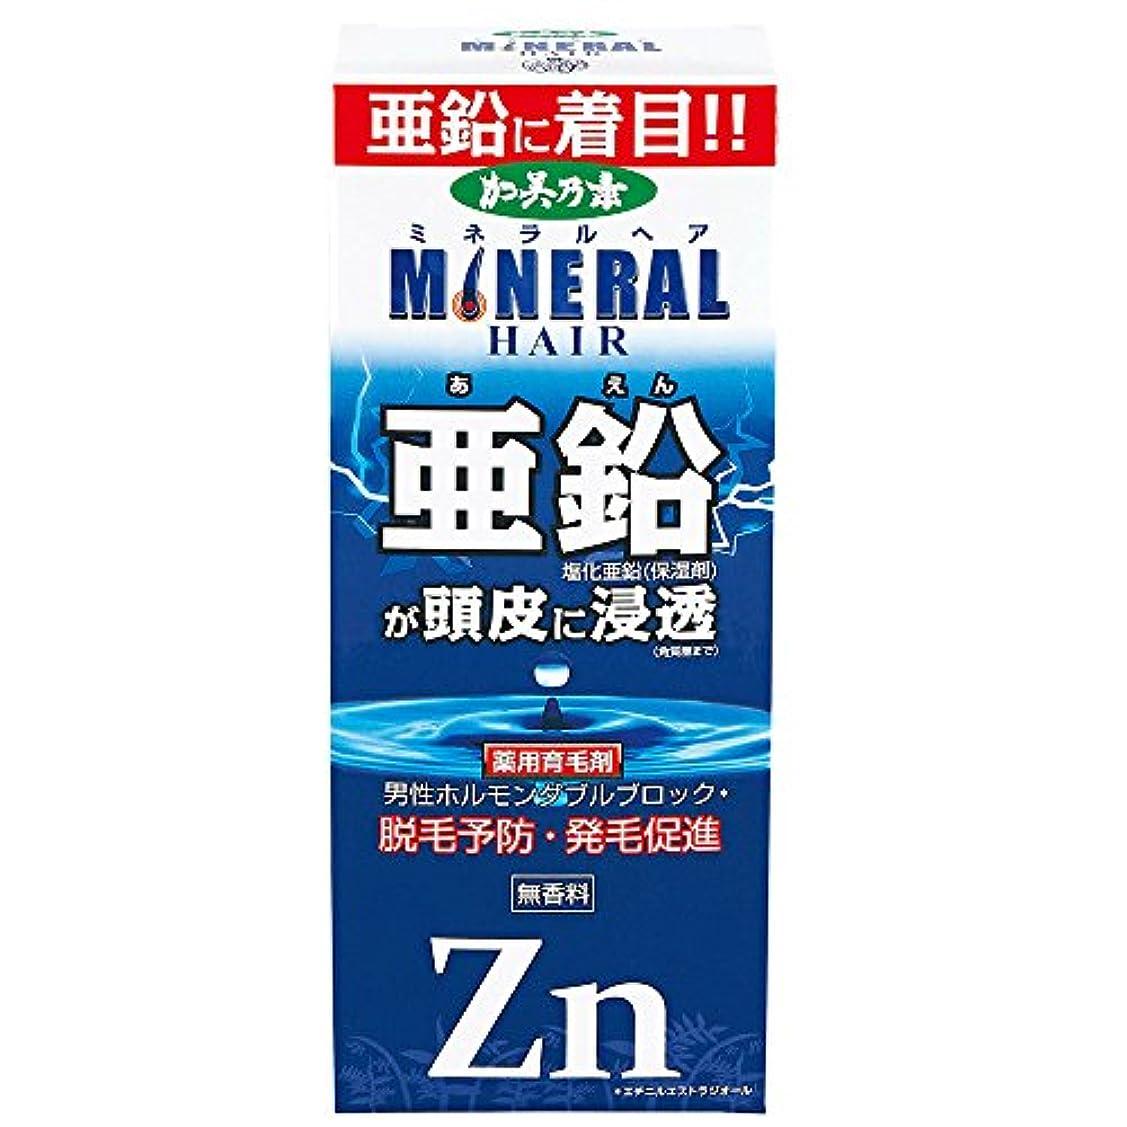 フロー写真どこか薬用加美乃素 ミネラルヘア 育毛剤 180mL (医薬部外品)